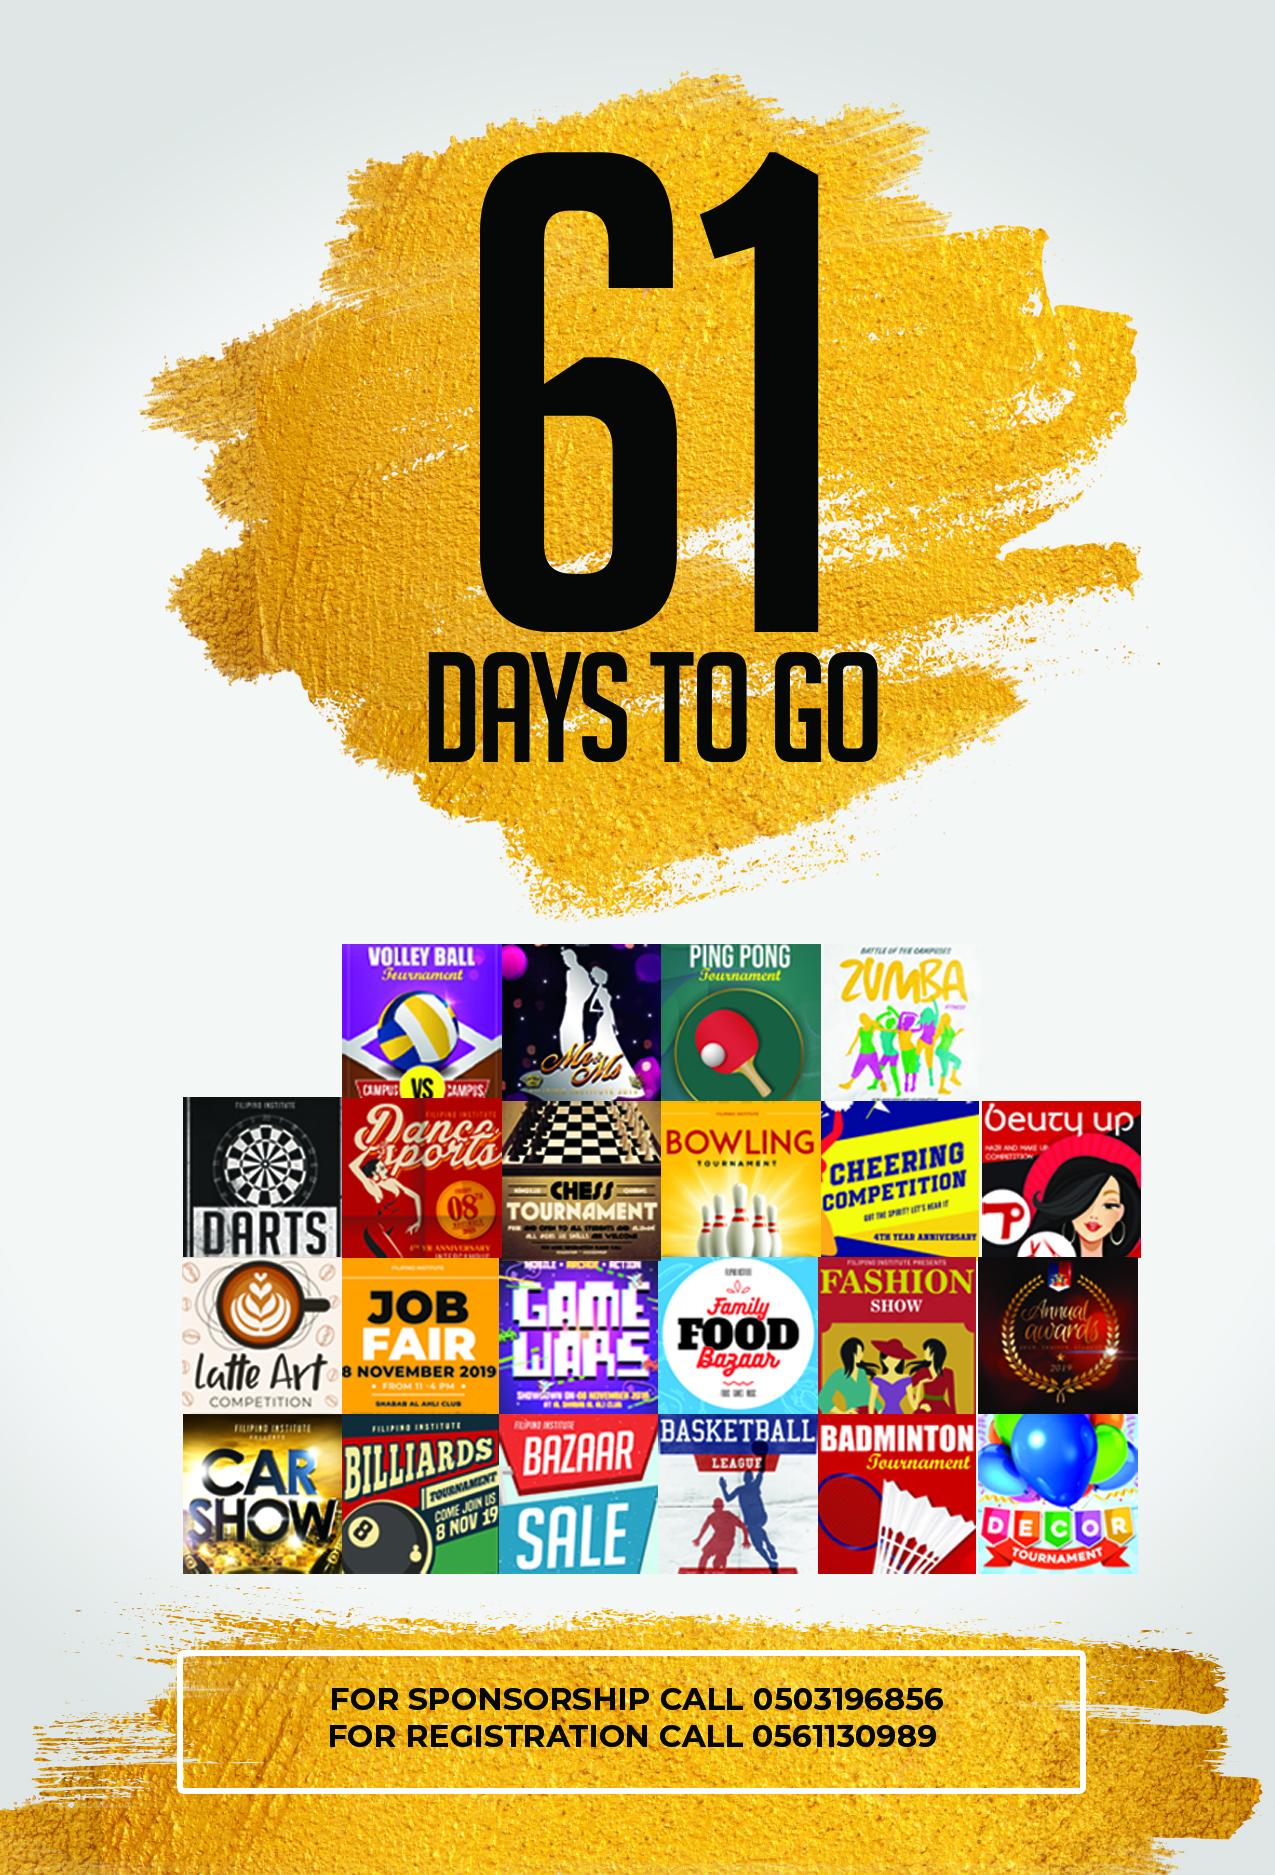 61 DAYS TO GO